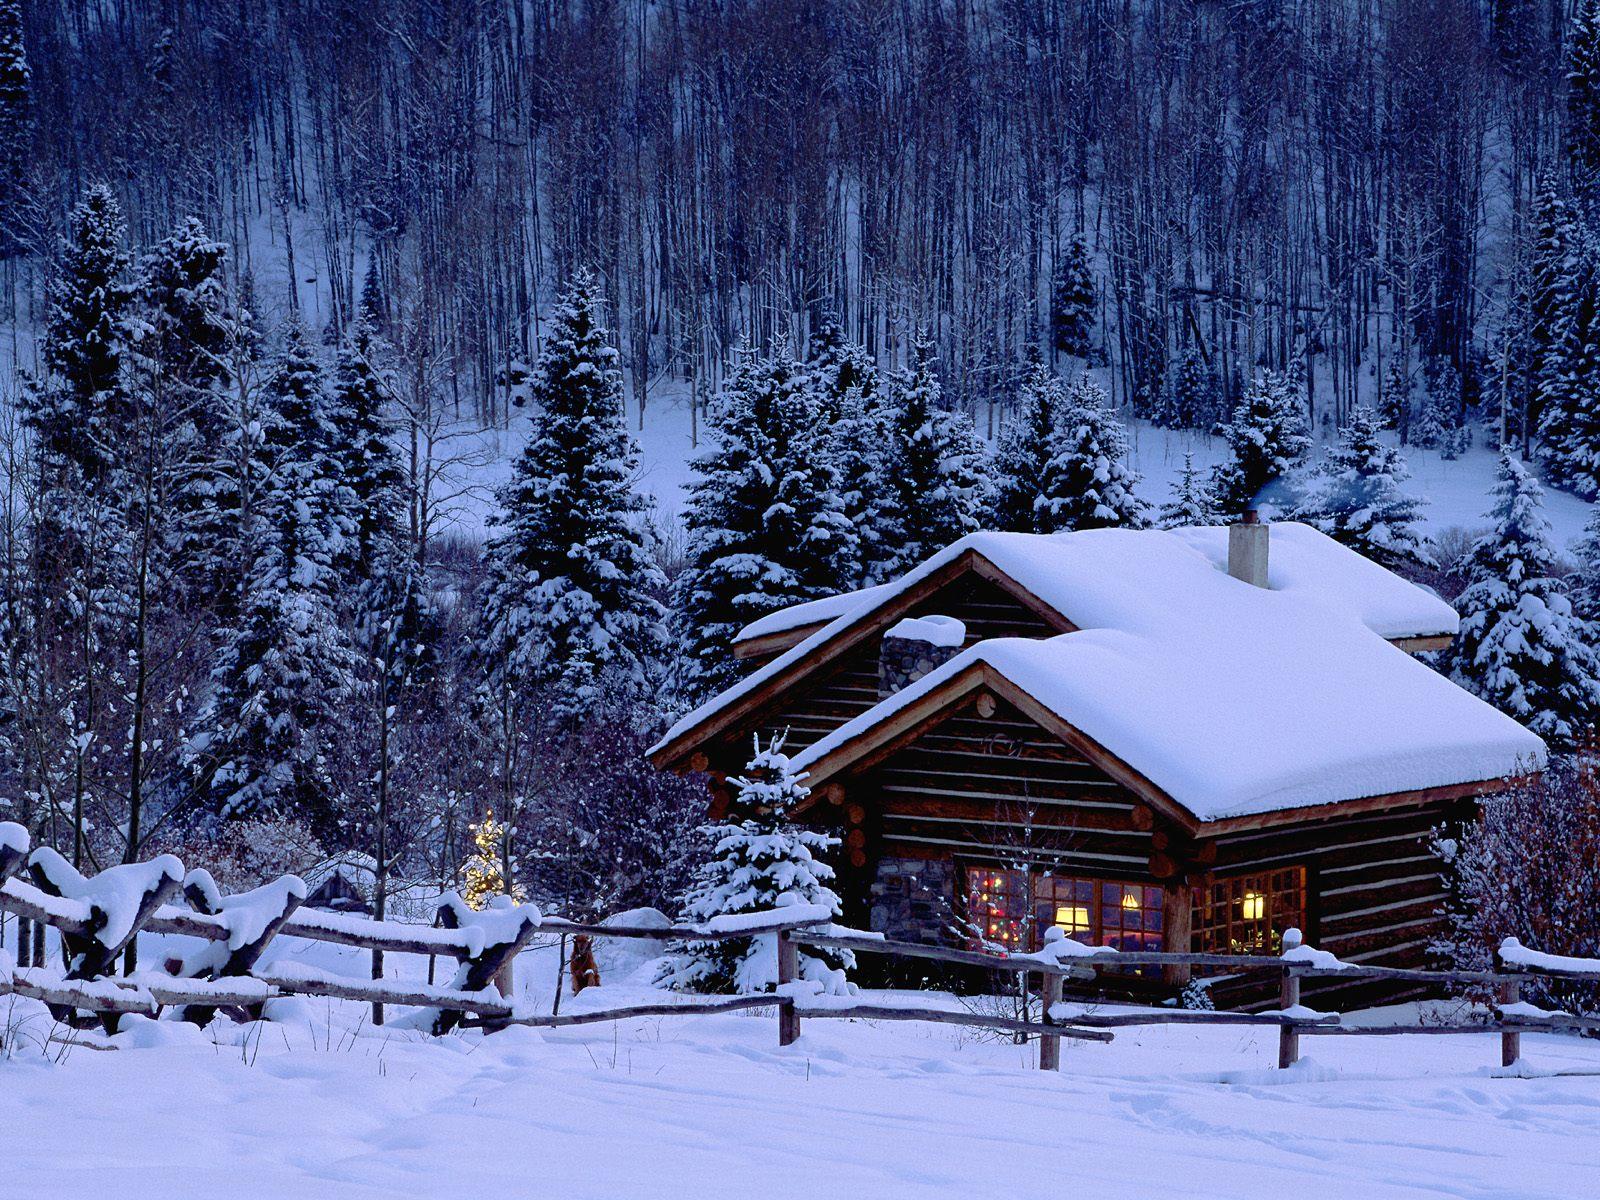 Christmas wallpaper Wallpaper Downloads Winter Wallpaper HD For 1600x1200